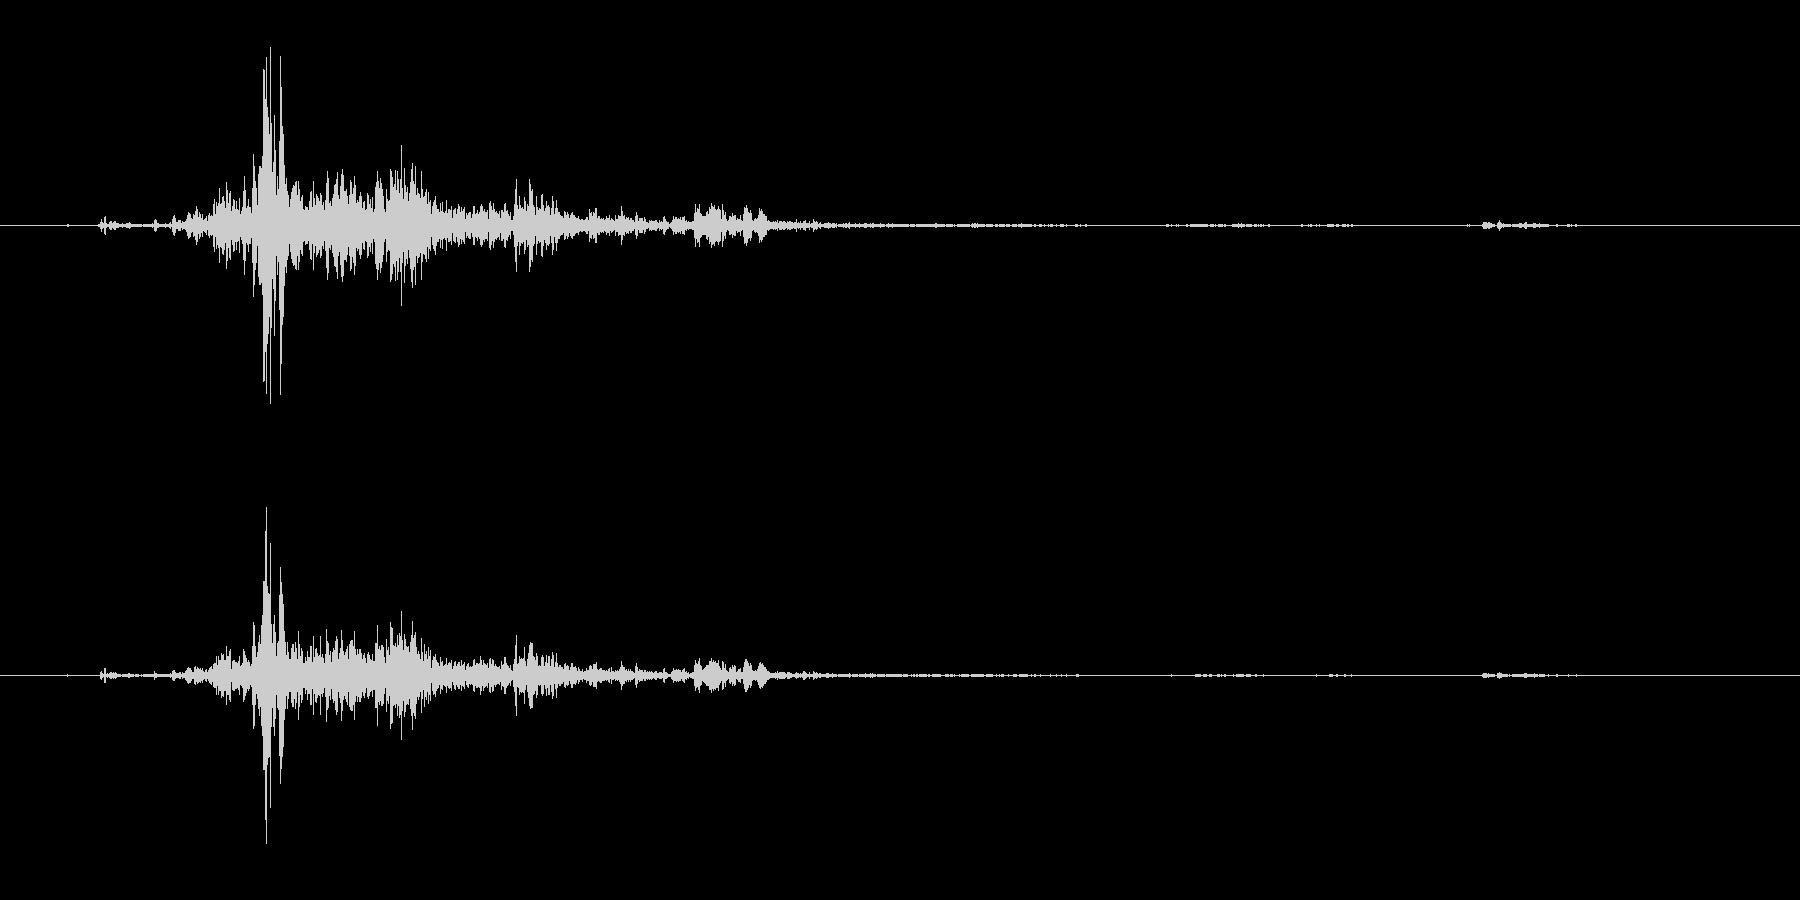 バリバリドーン(落雷の音(雷のみ抽出))の未再生の波形